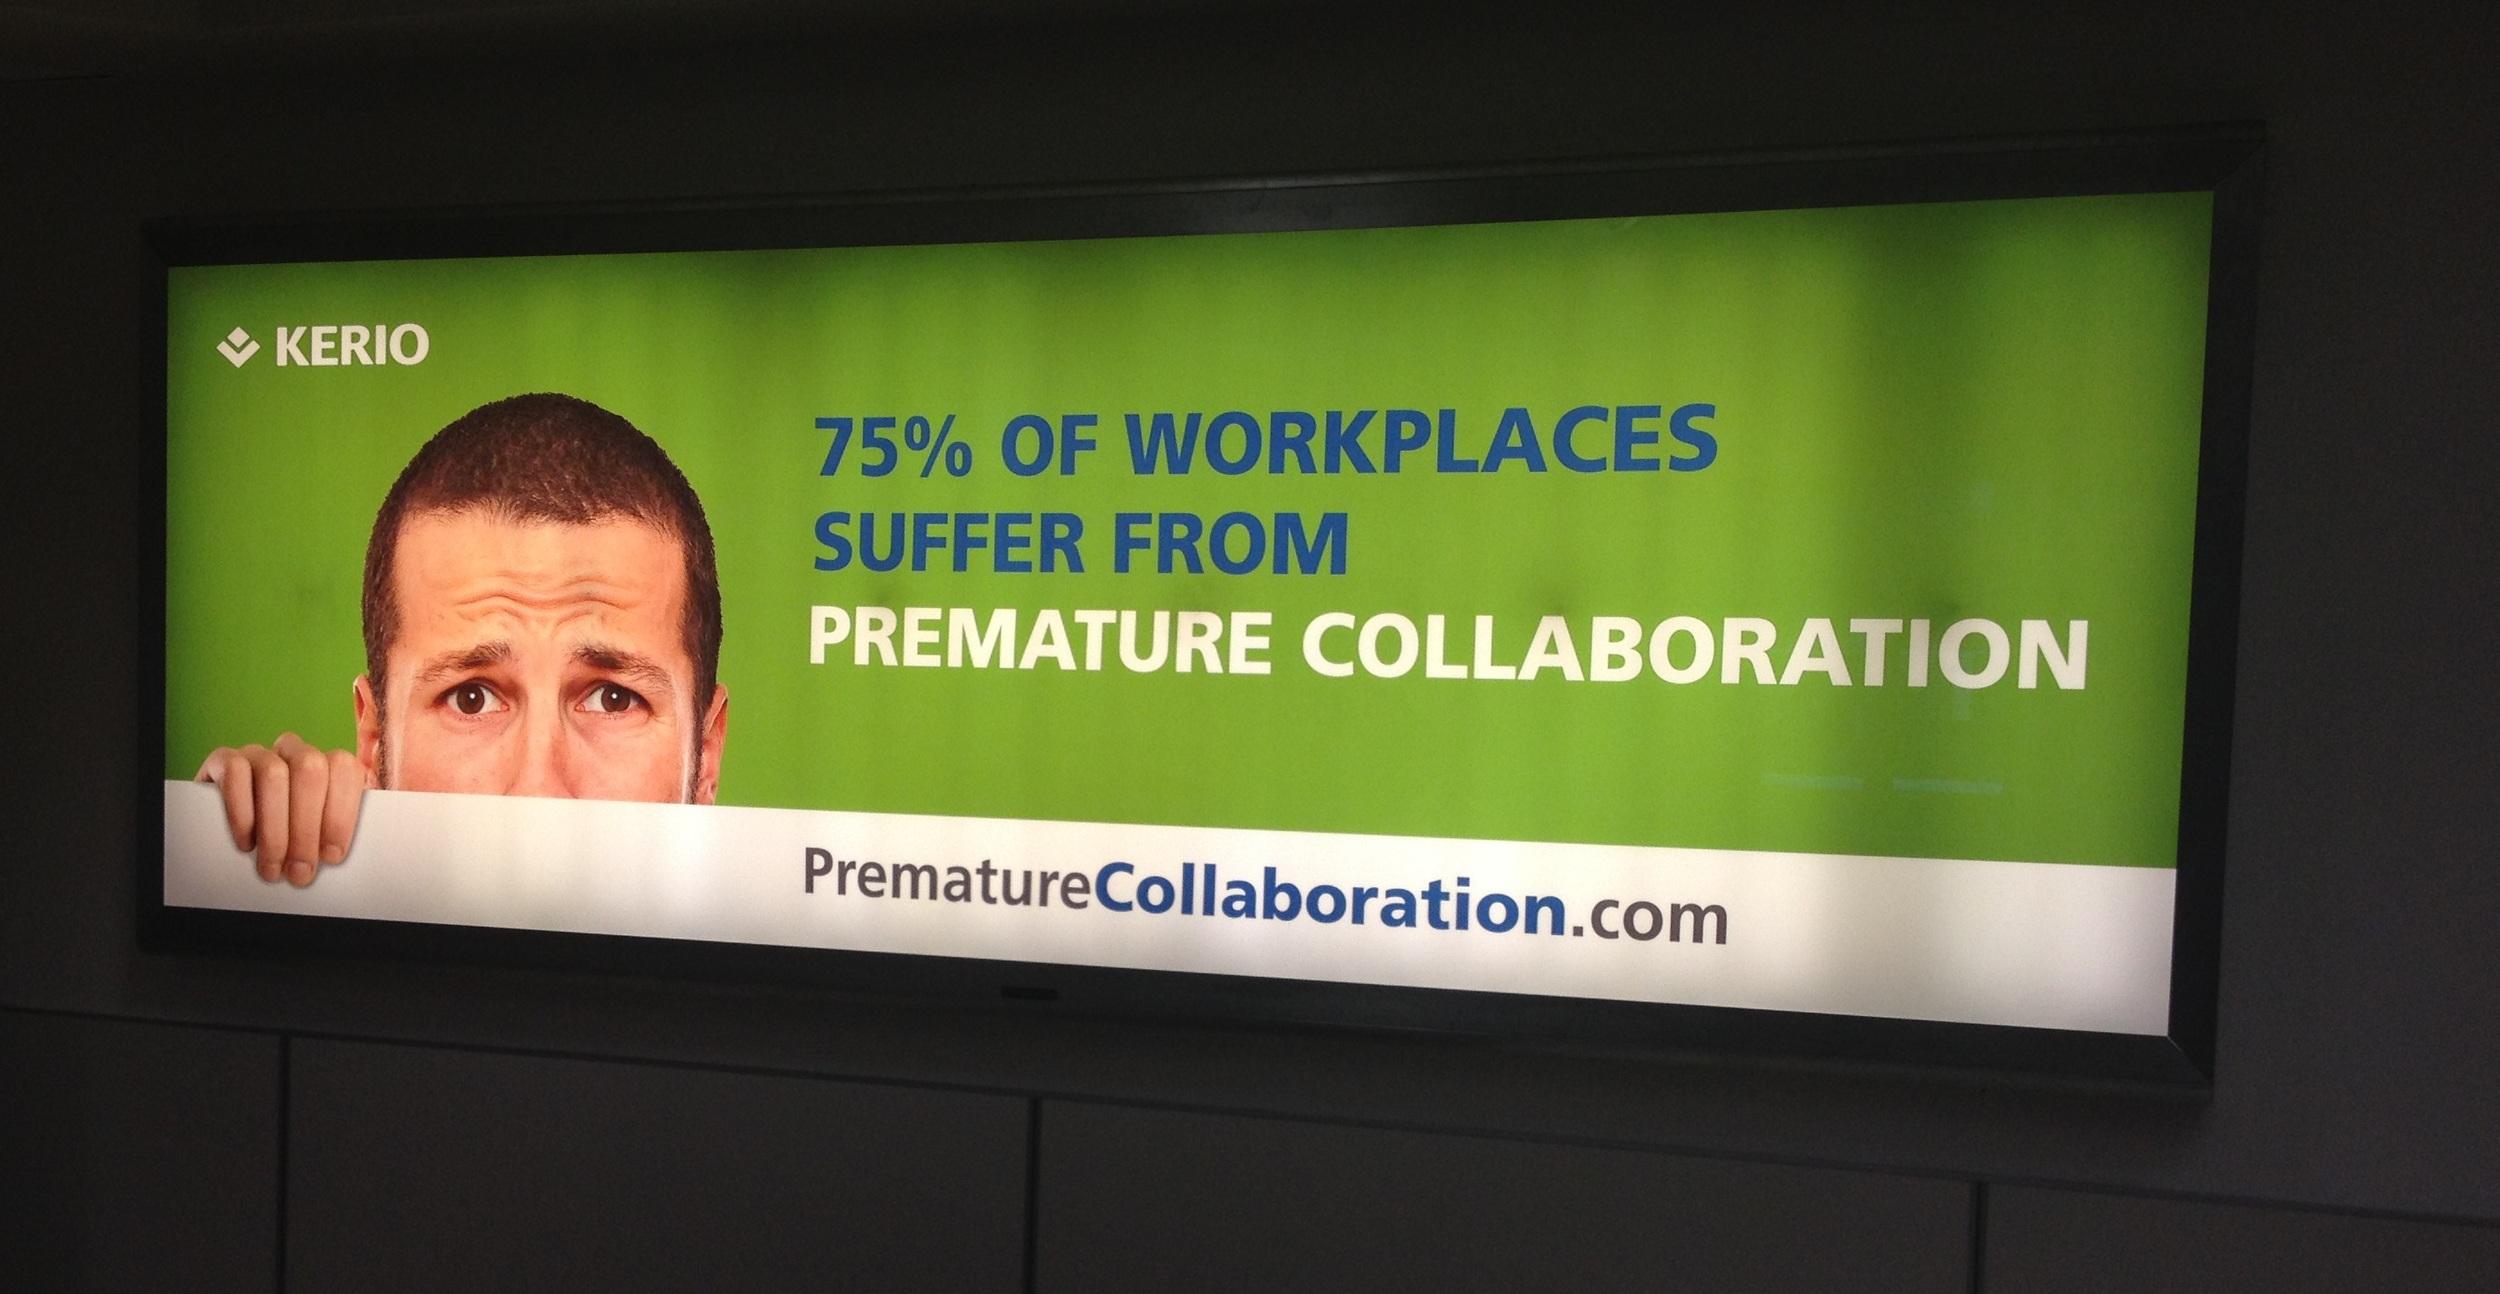 Advert in San Jose Airport, California